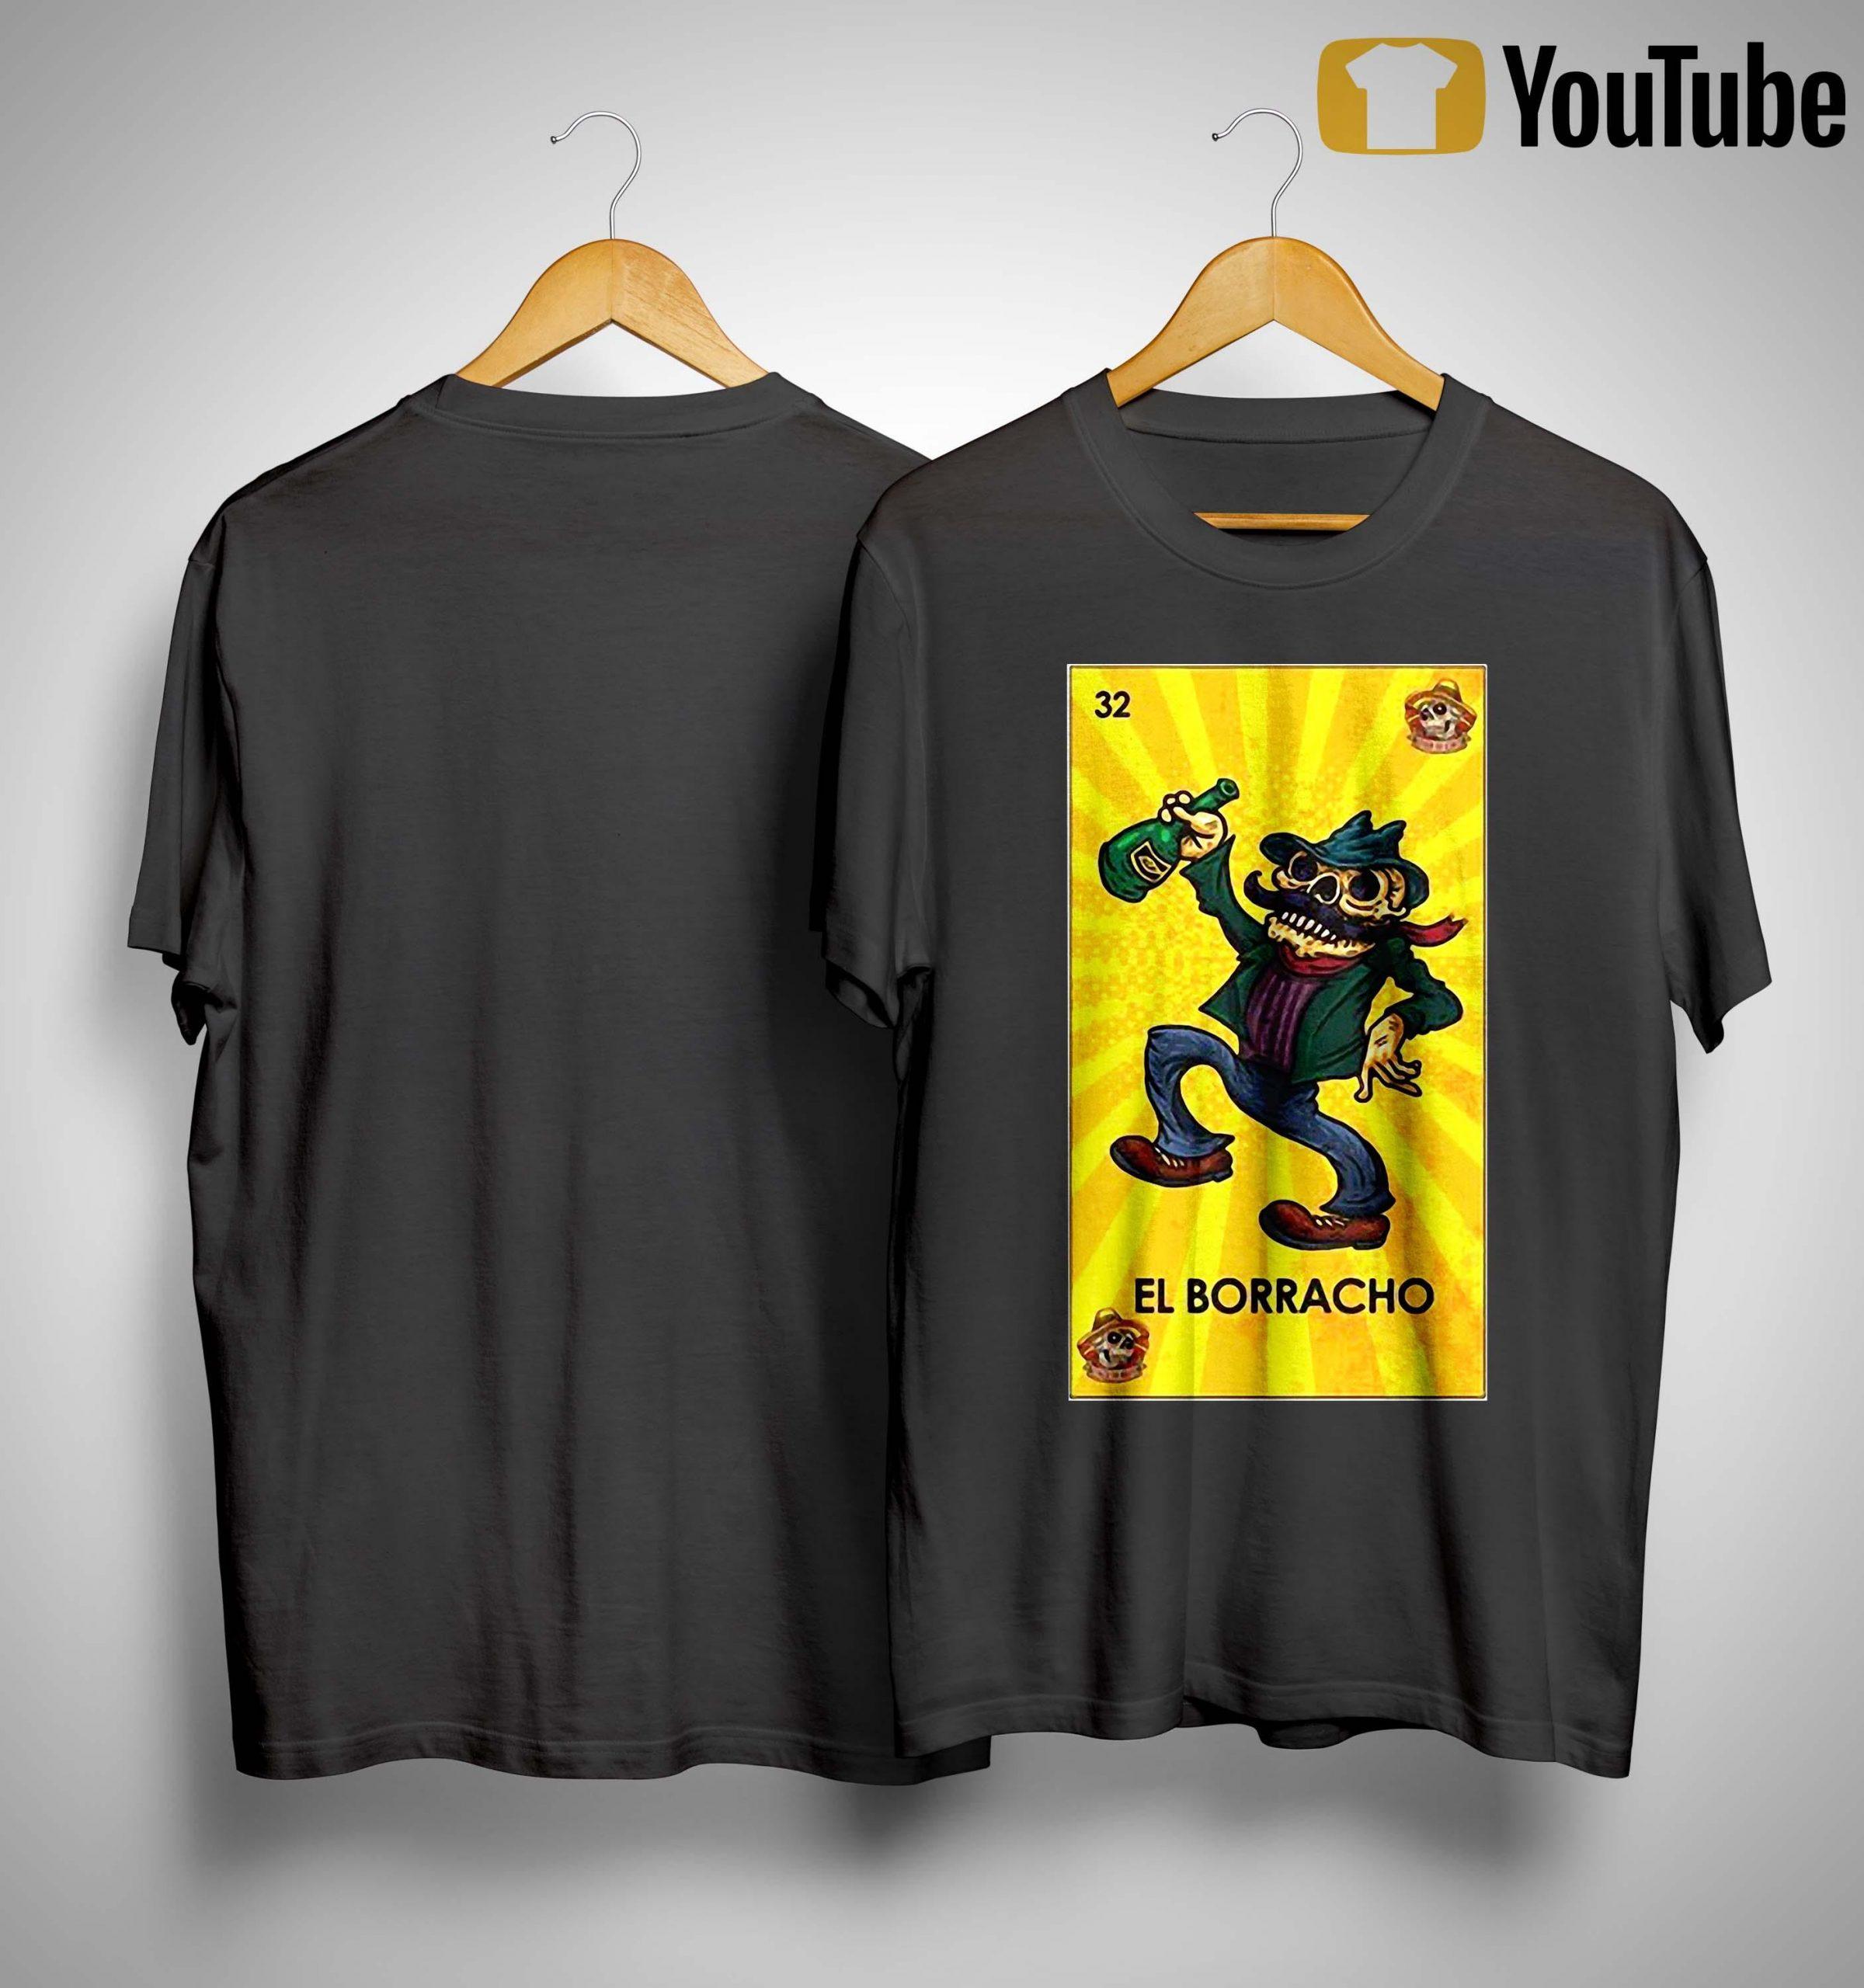 Loteria Chingon El Borracho Shirt